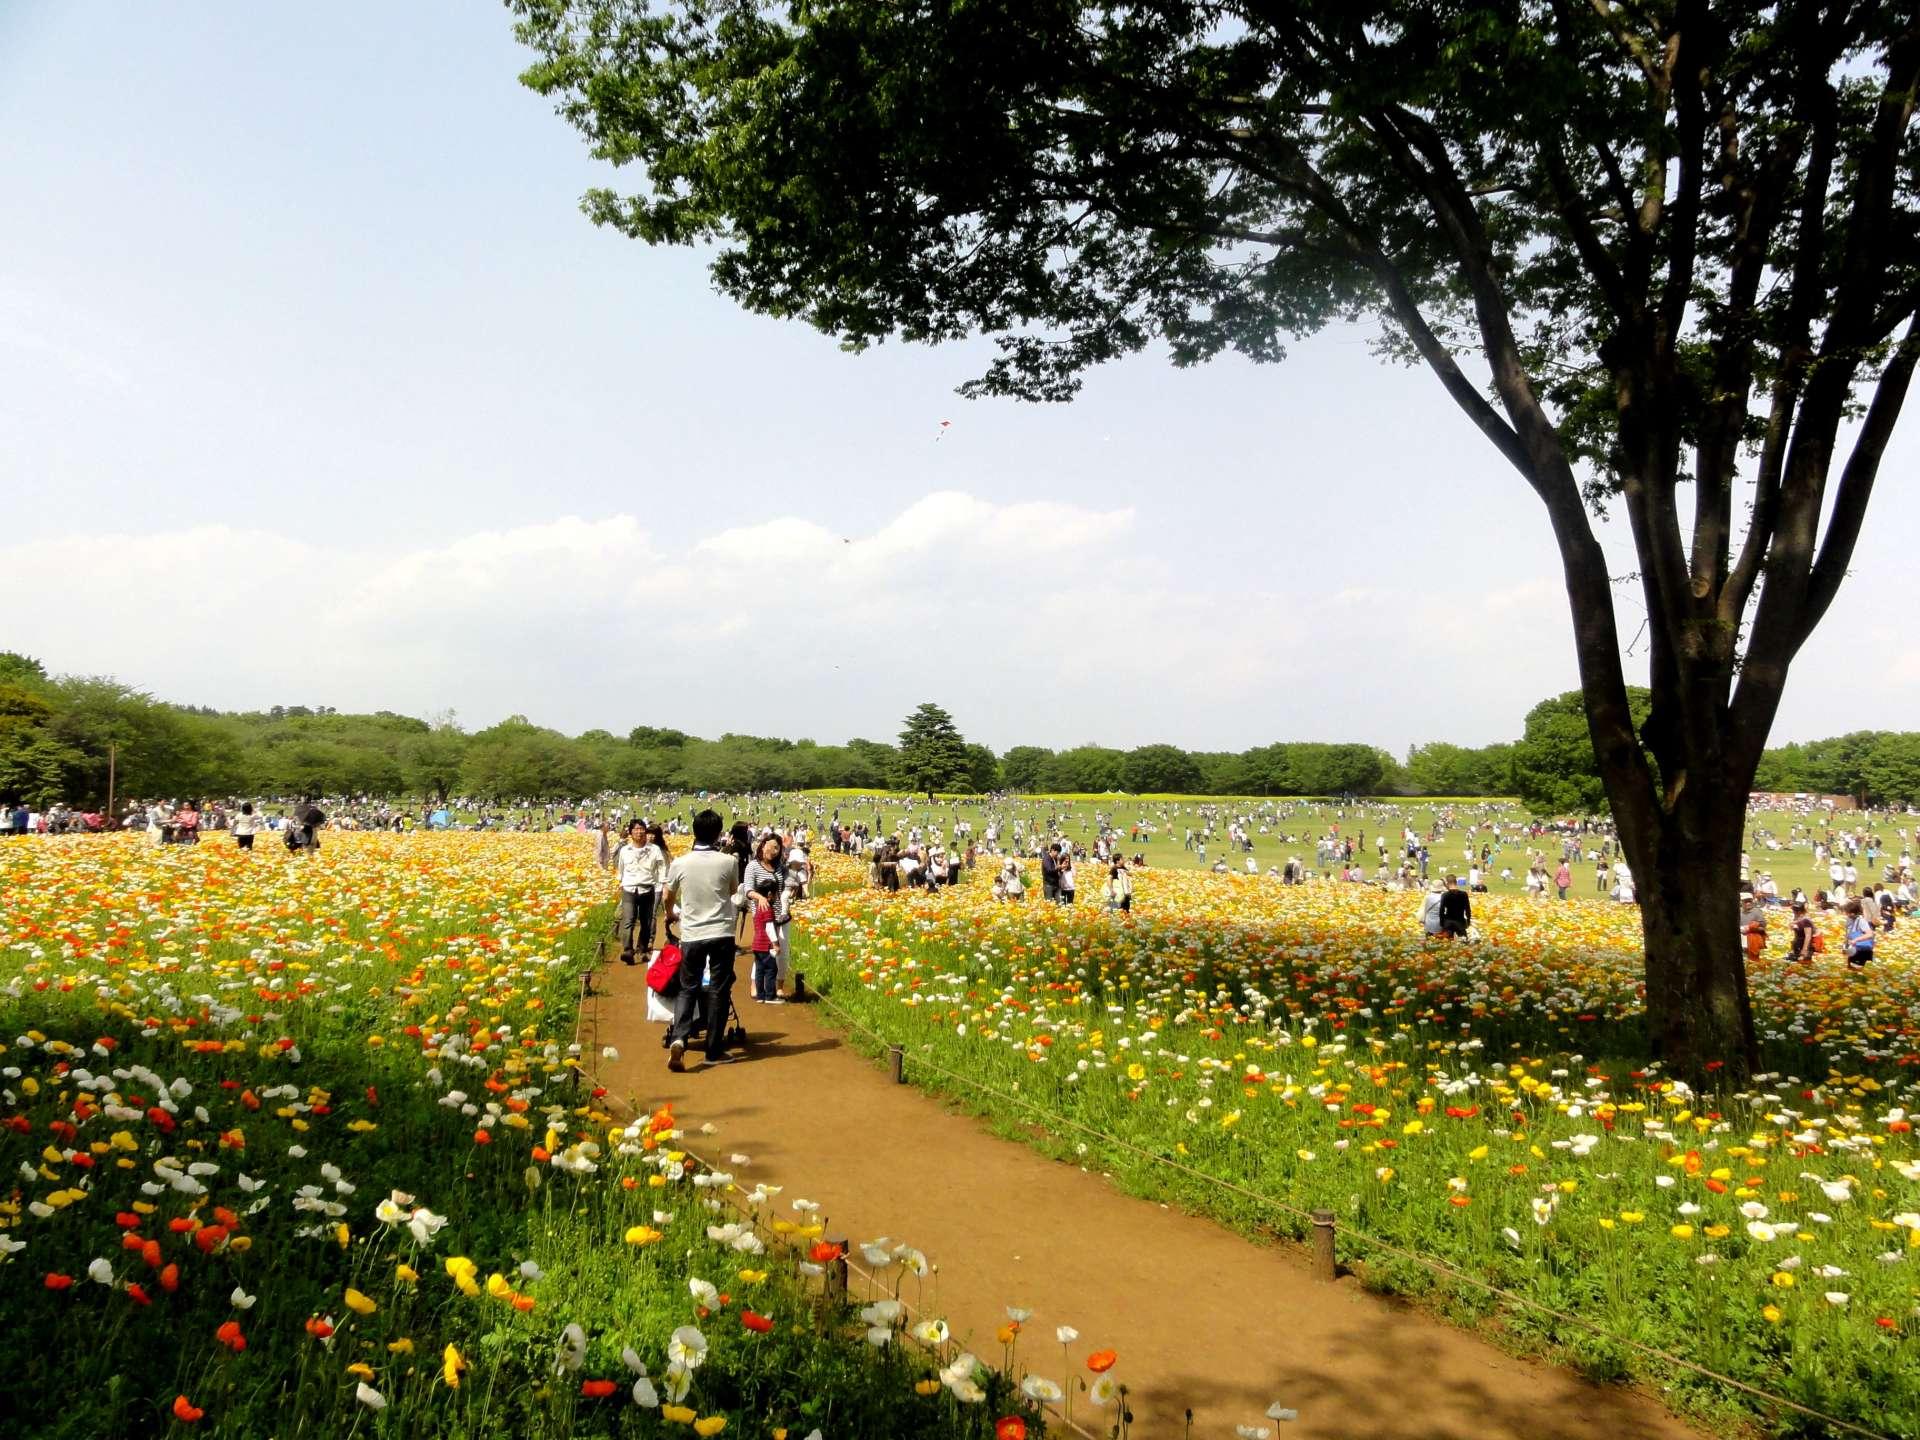 Showa Kinen Park: Iceland poppy blossos